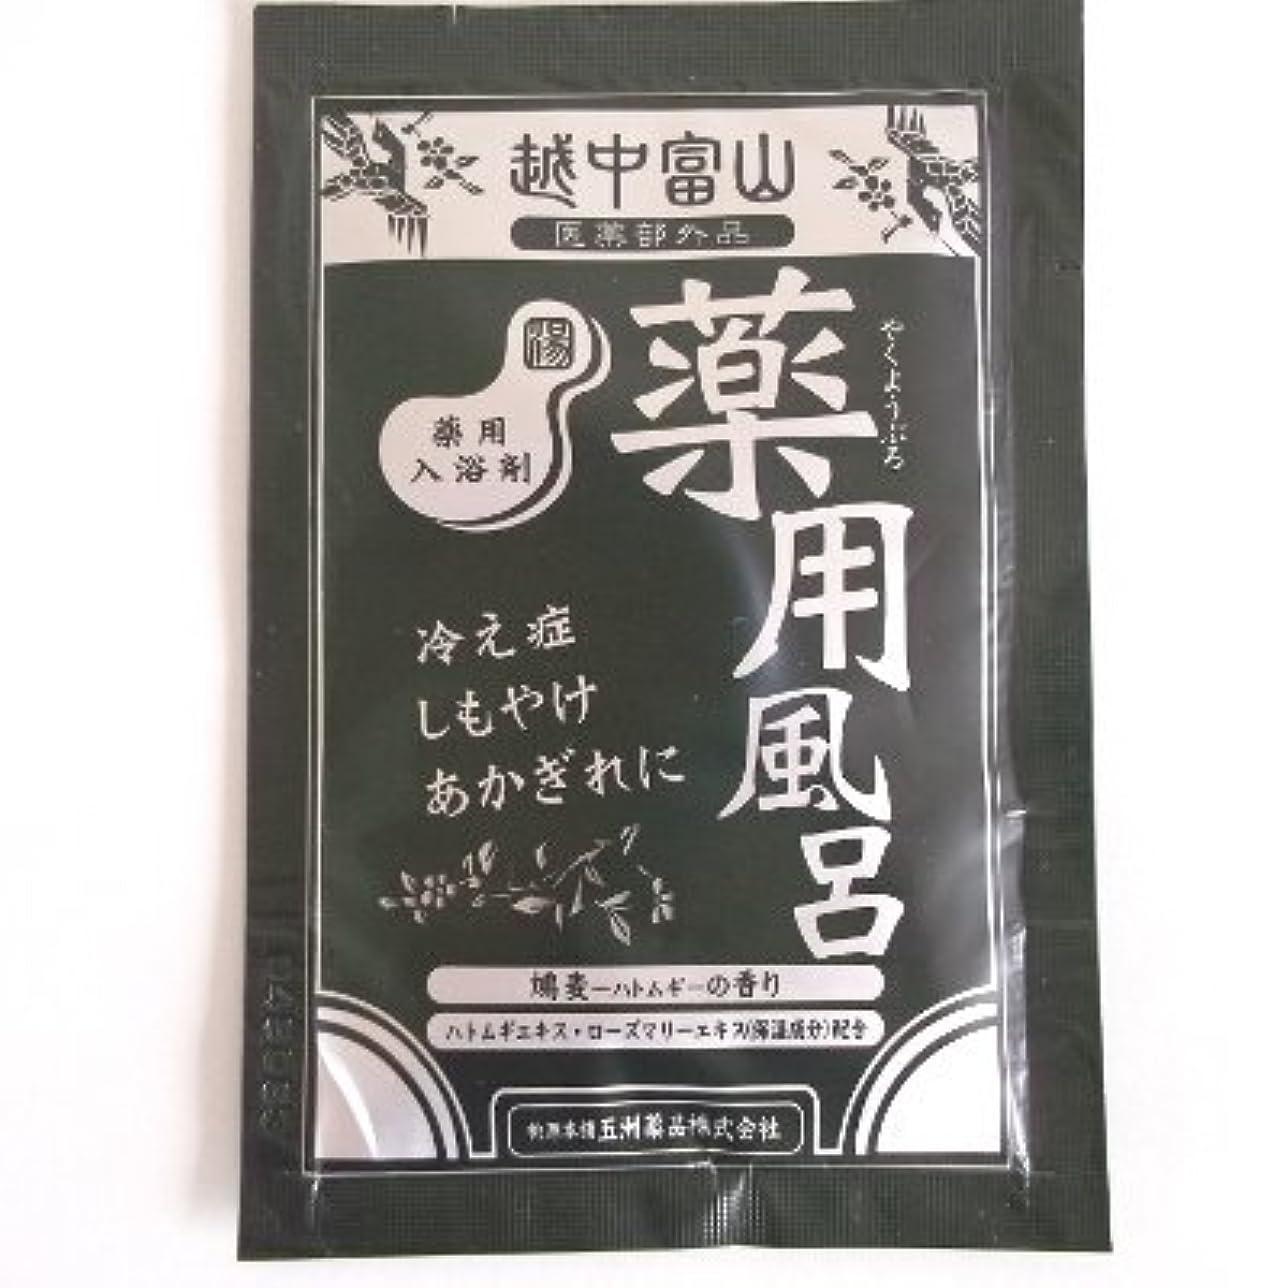 雪攻撃的ペチュランス越中富山薬用風呂 鳩麦の香り